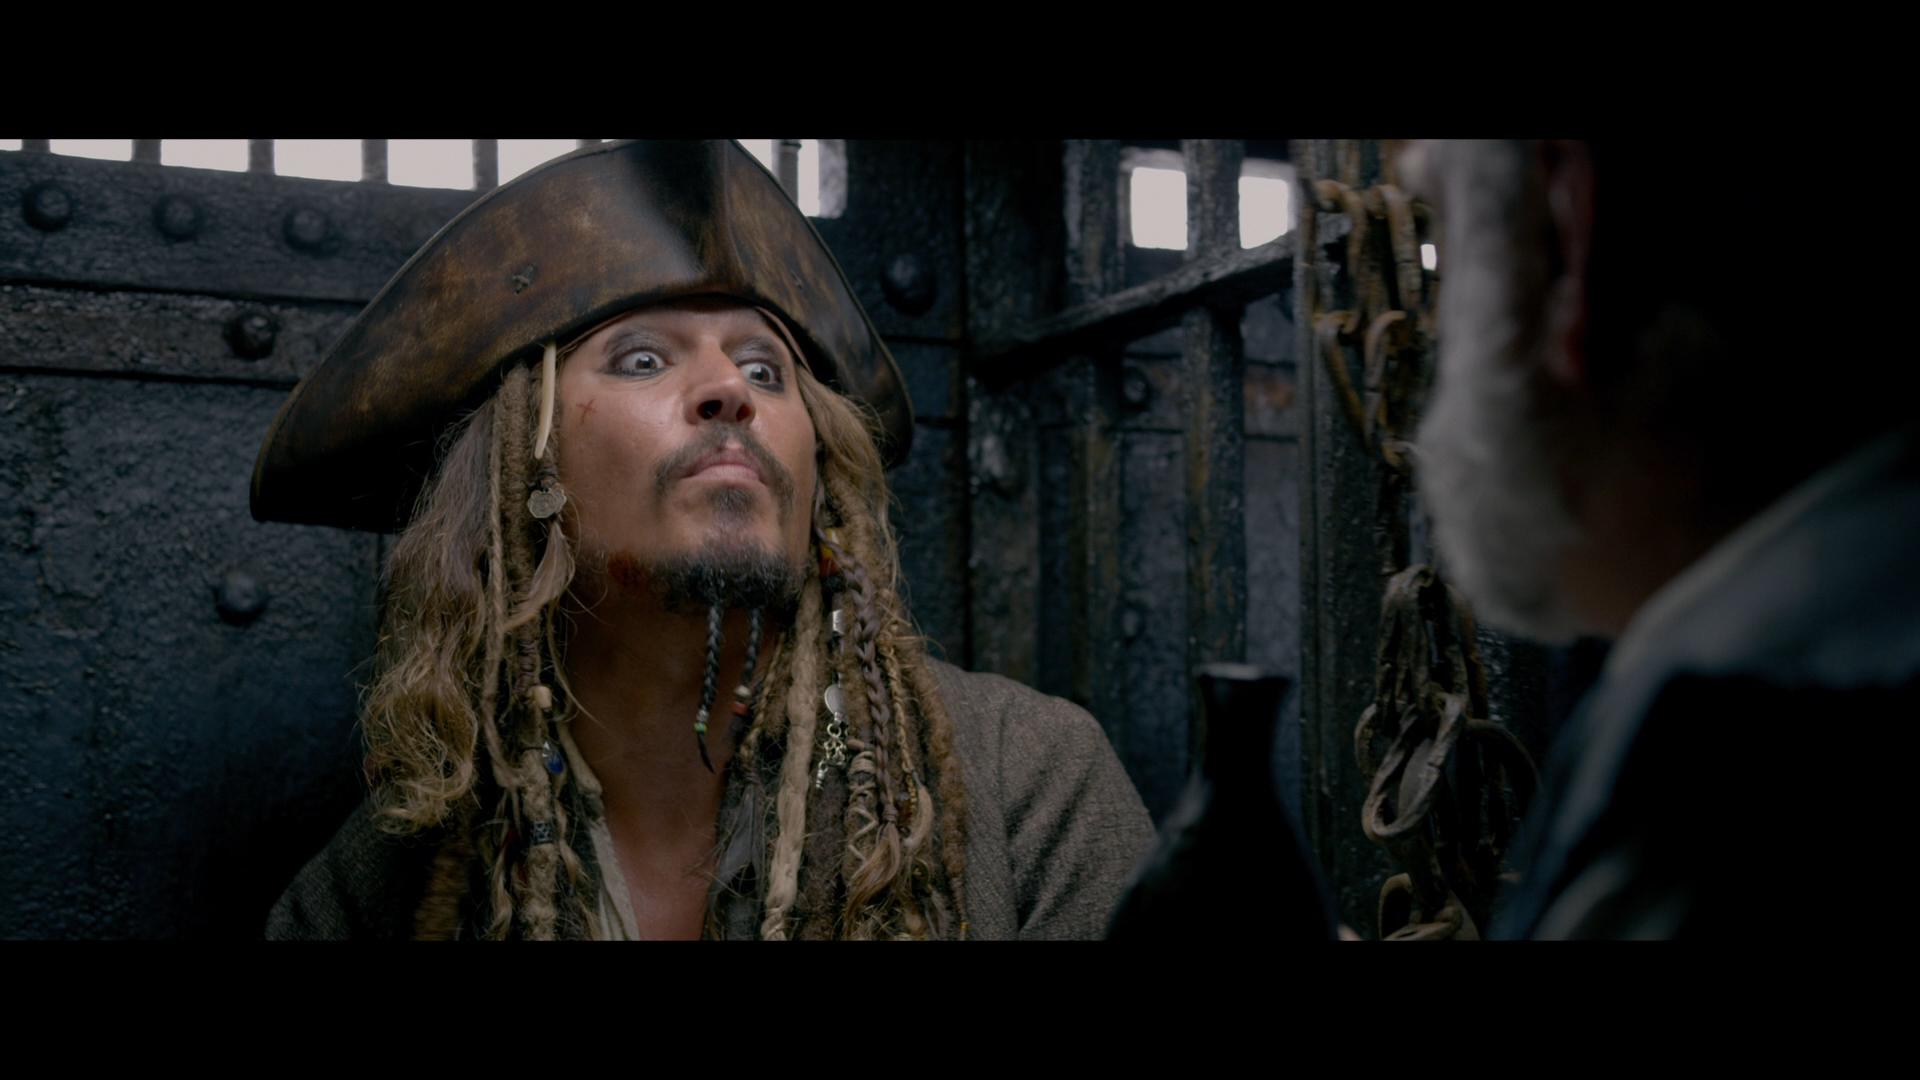 Смотреть онлайн пираты карибского моря 6